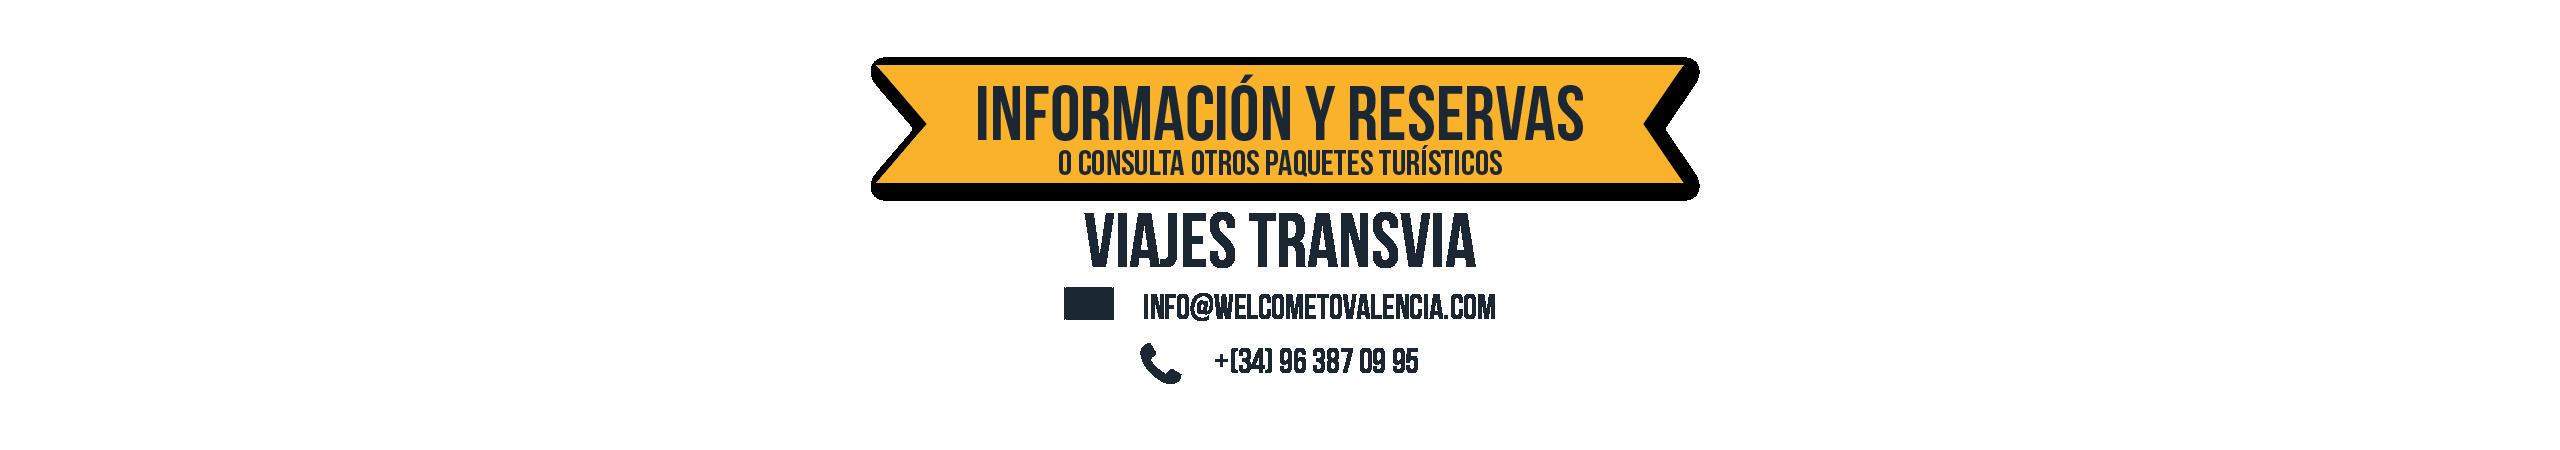 Paquetes turisticos_15k_V1-03